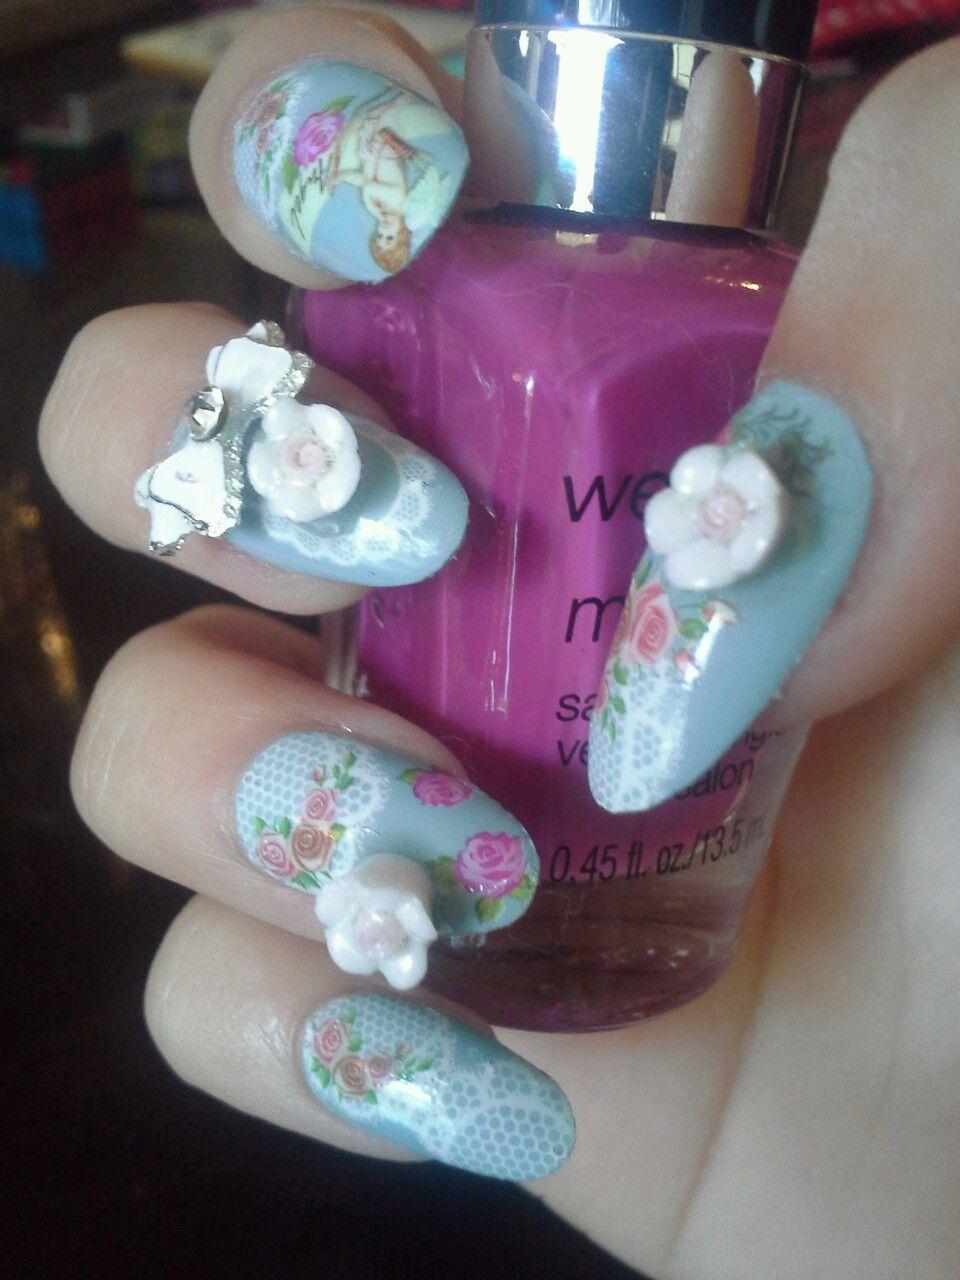 kawaii nails | Tumblr | nails and toes! | Pinterest | Kawaii nails ...